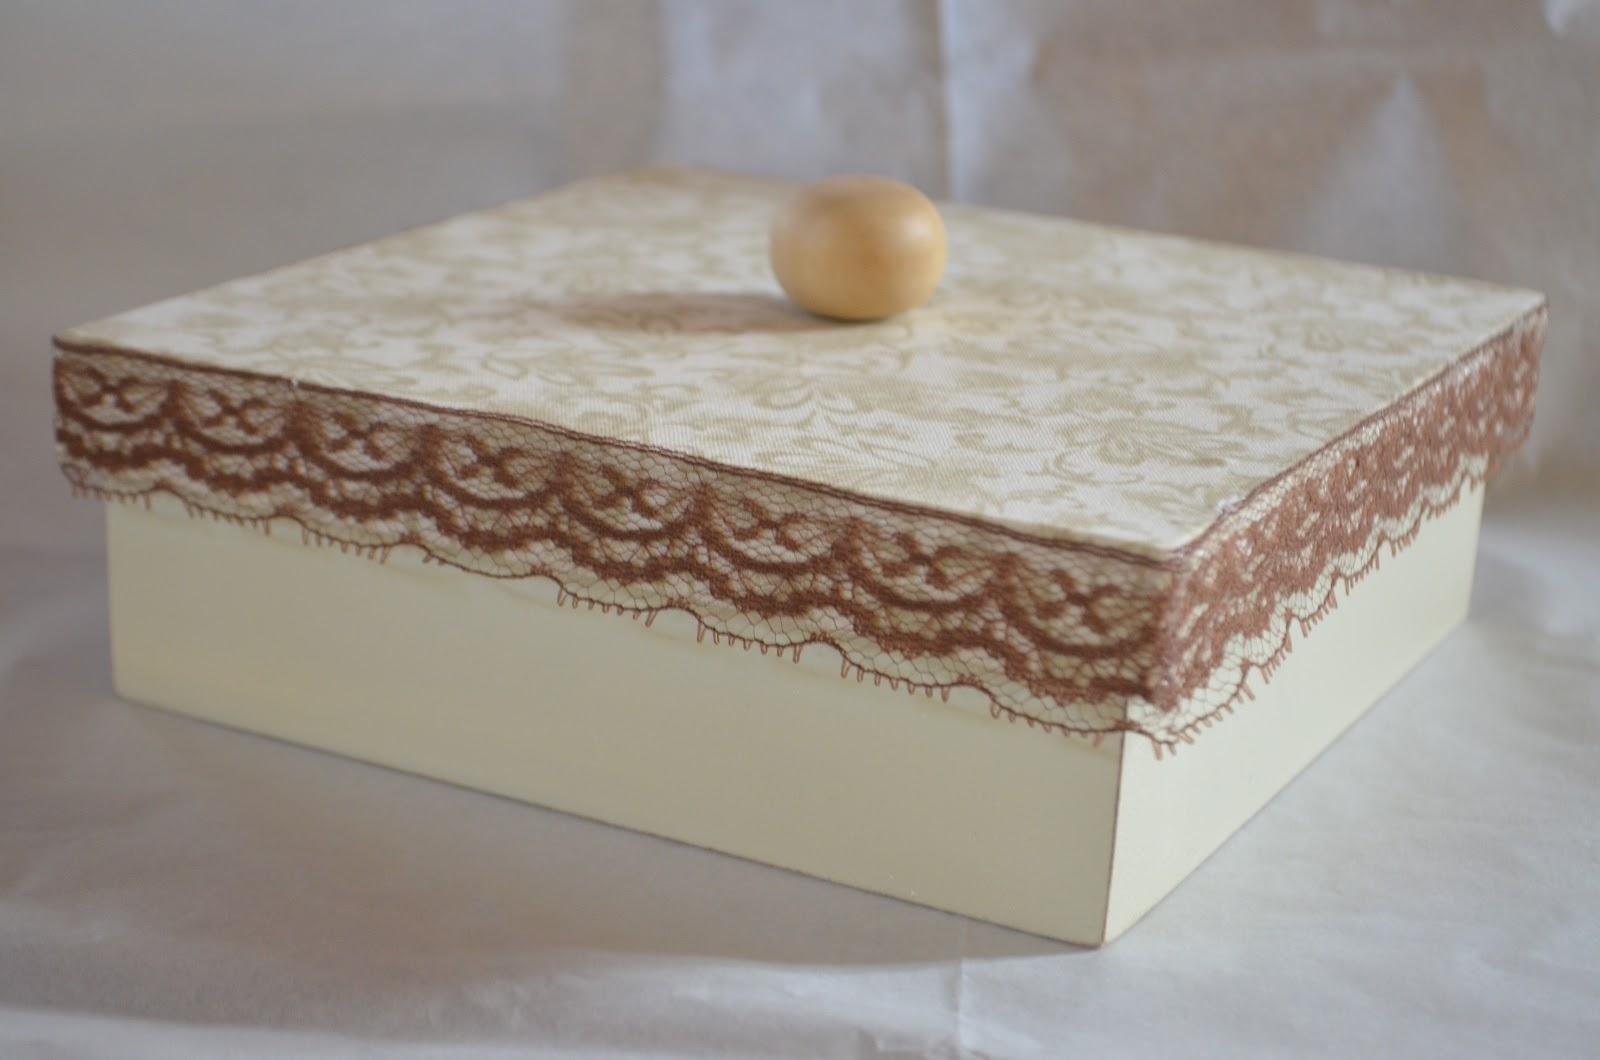 Cor: Caixa mdf tampa revestida em tecido com aplicação de renda  #503024 1600x1060